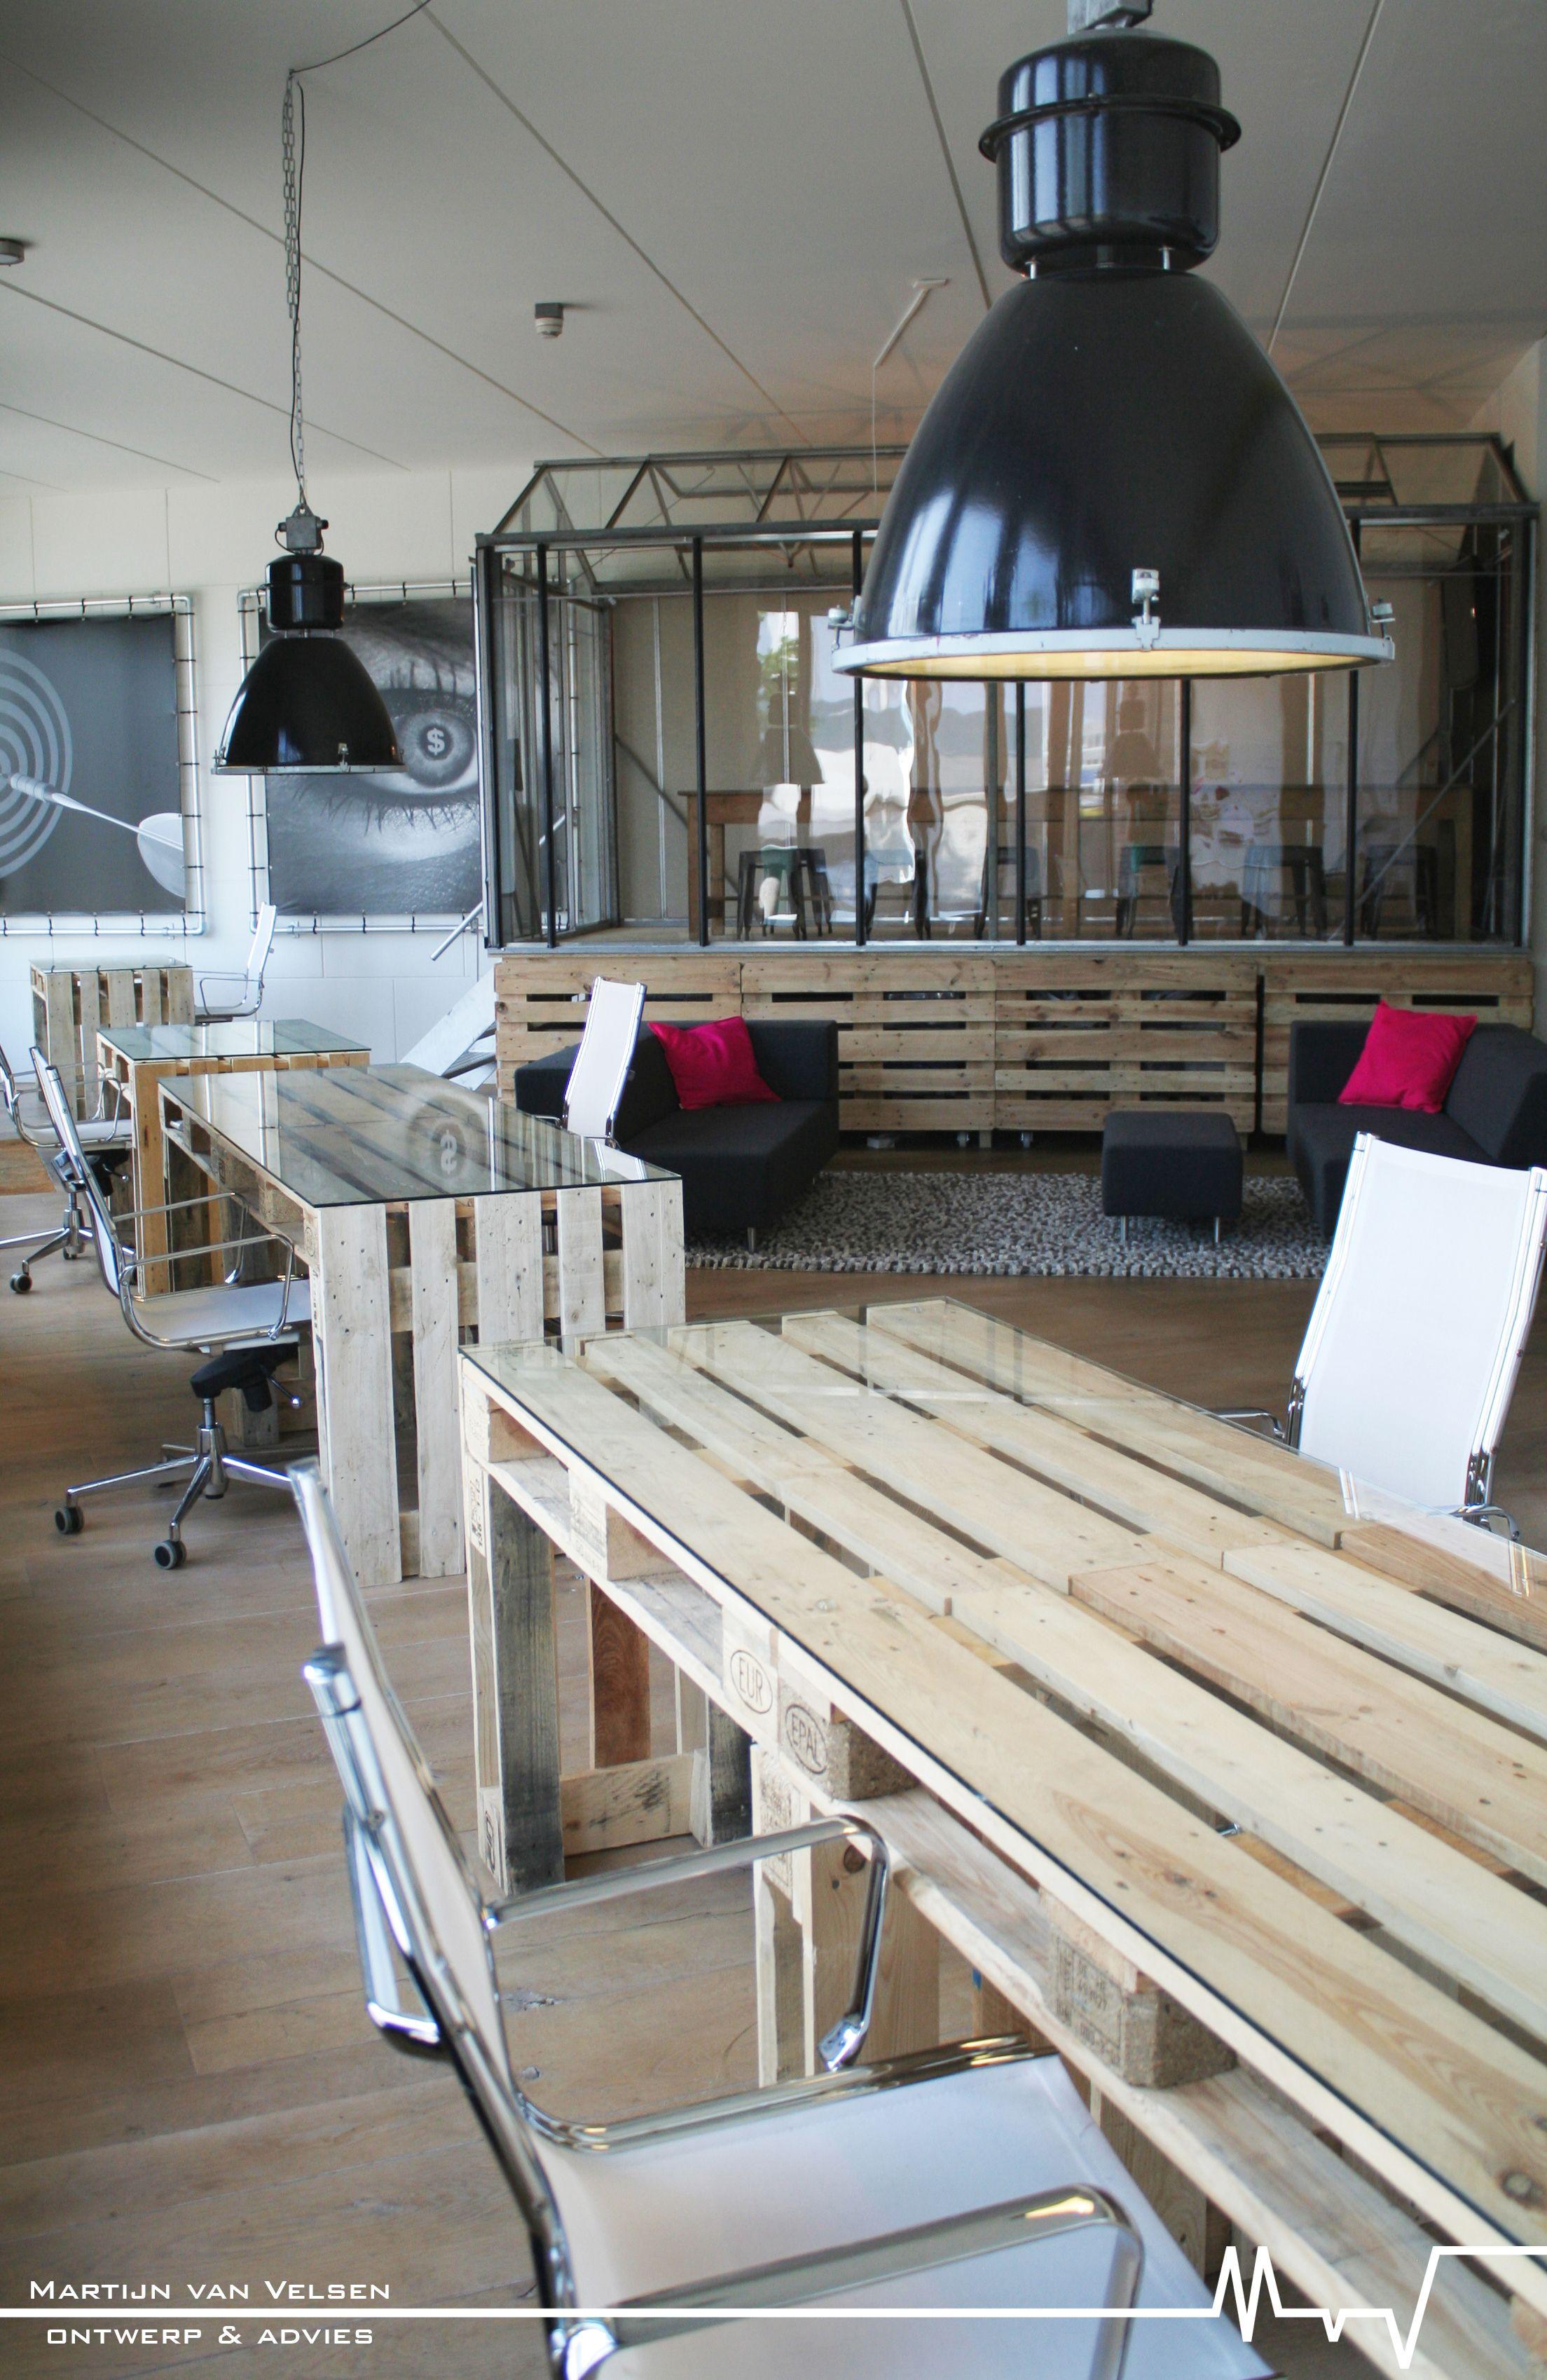 Interieur van pallets tuinkas als vergaderruimte for Kantoor interieur ideeen